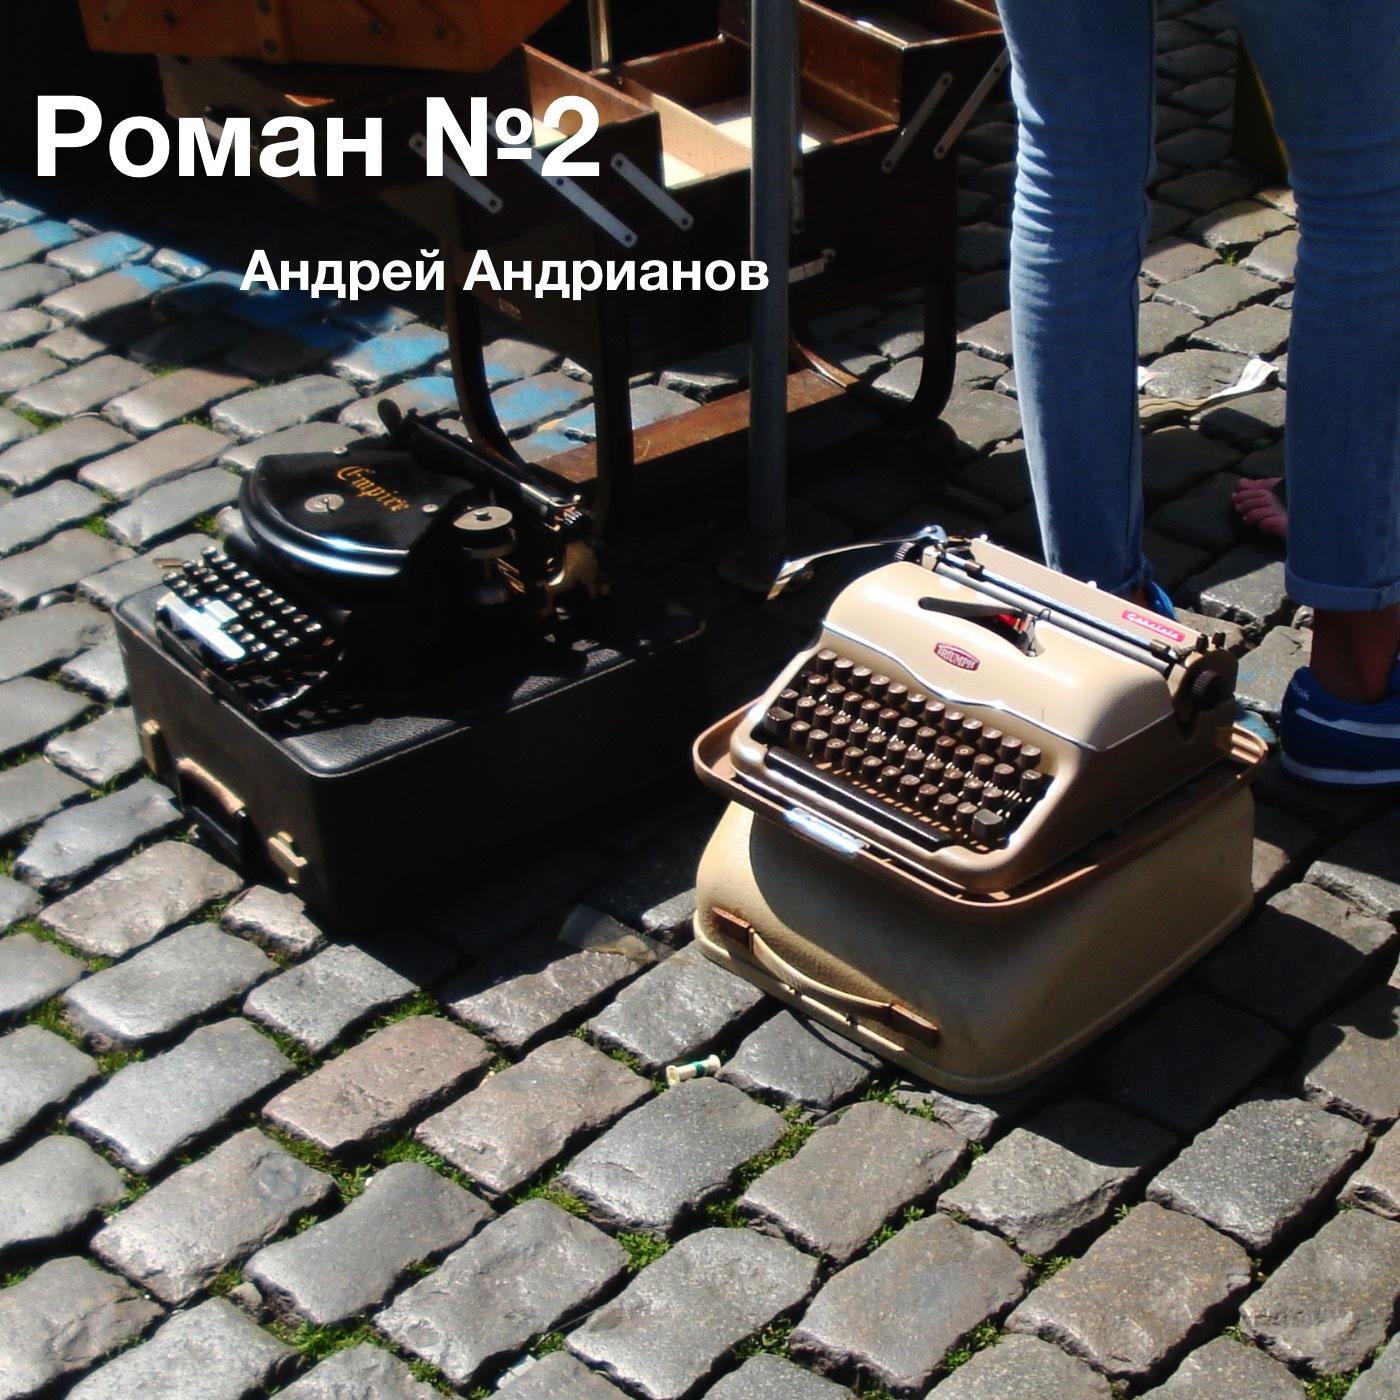 Андрей Андрианов бесплатно